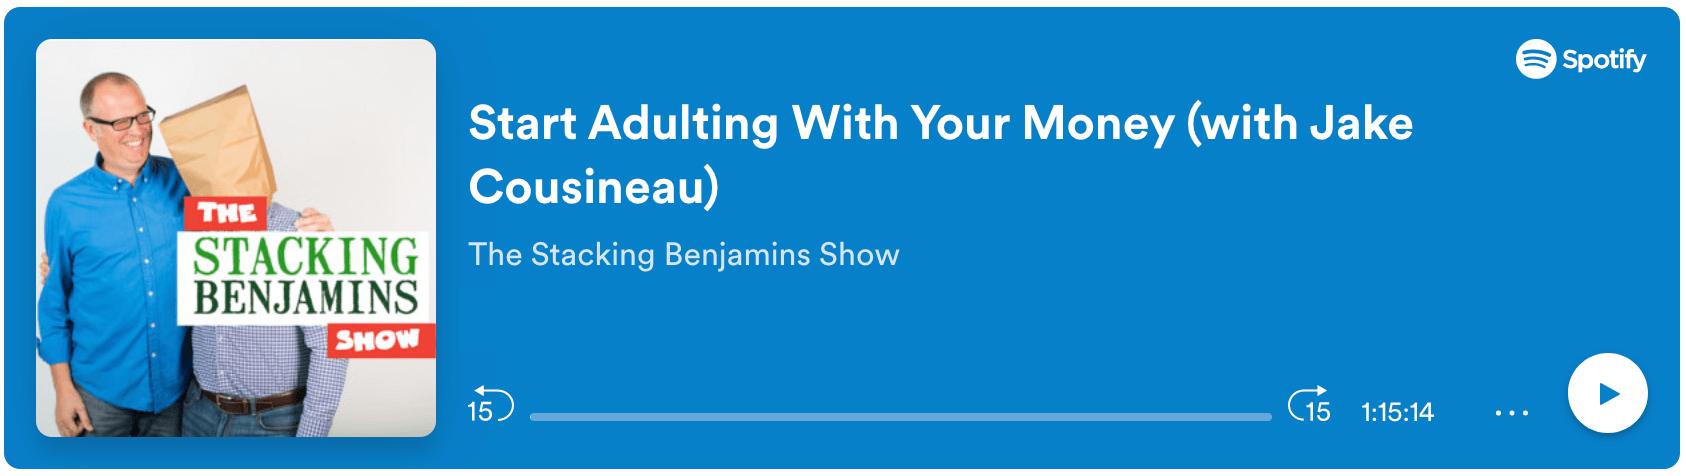 stacking_benjamins_show